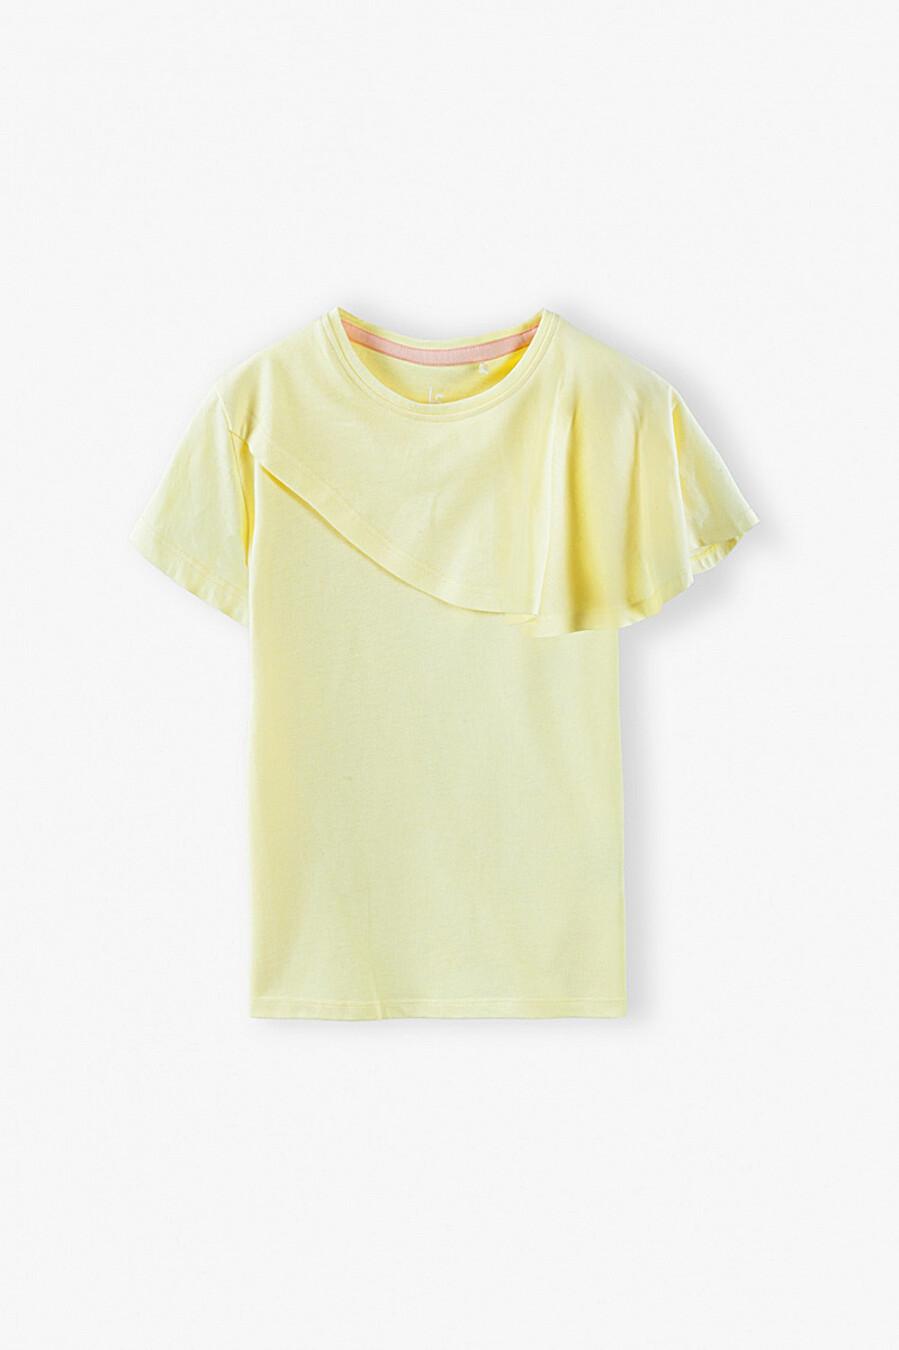 Футболка для девочек 5.10.15 668600 купить оптом от производителя. Совместная покупка детской одежды в OptMoyo